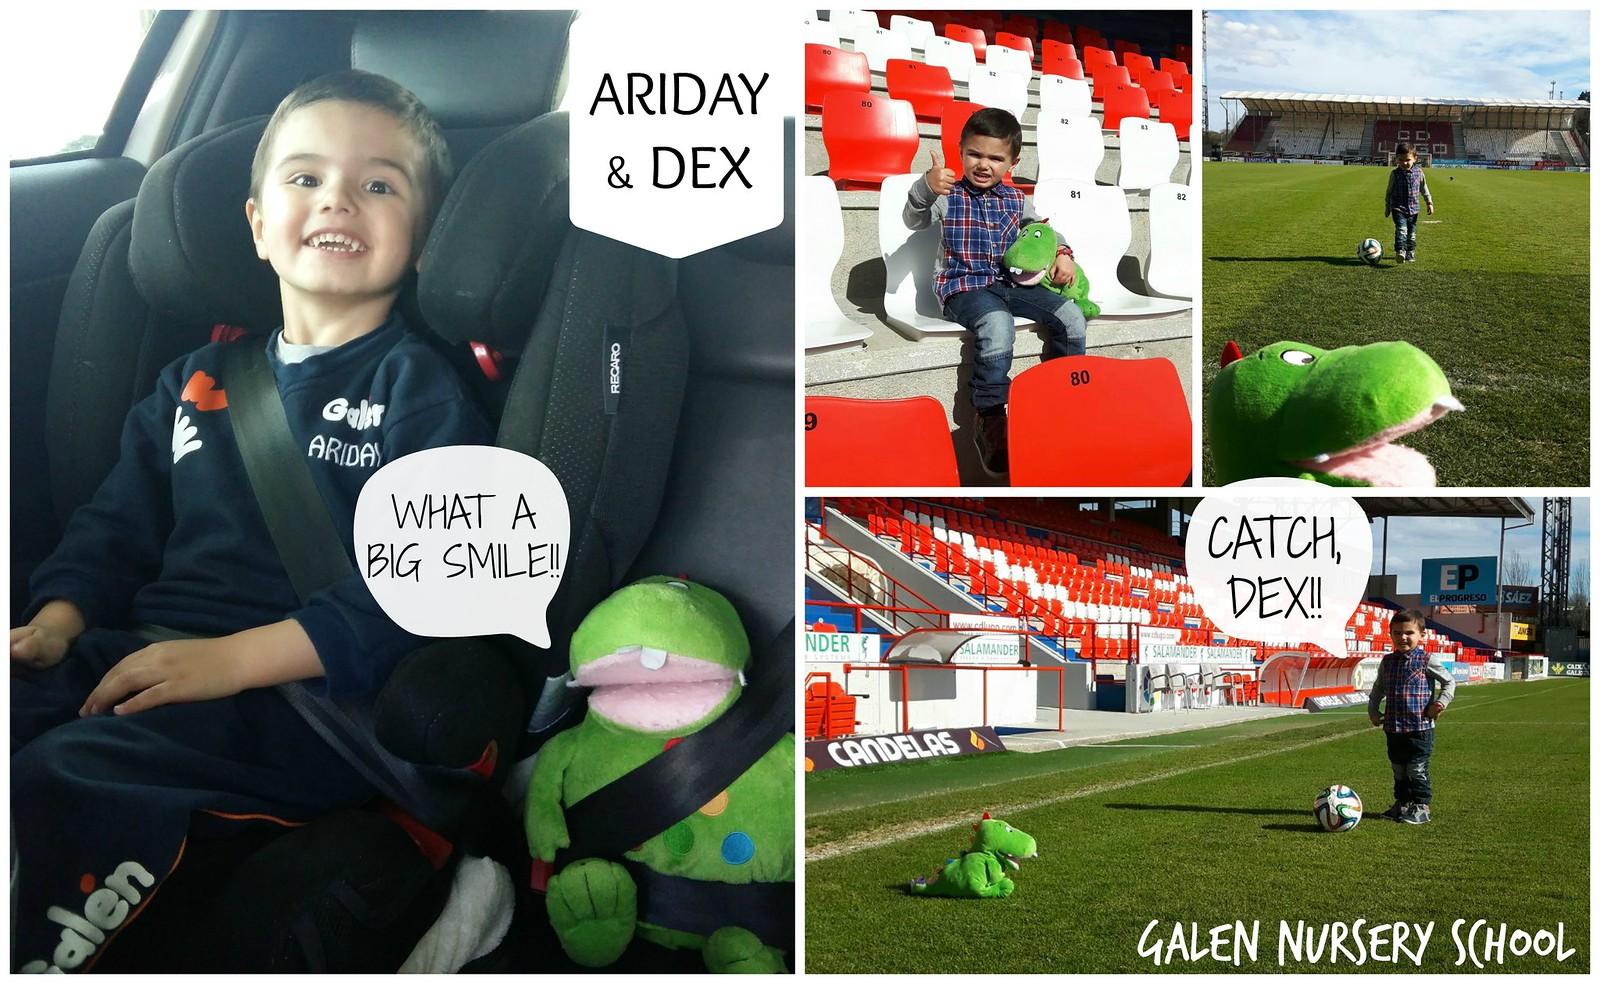 ARIDAY & DEX